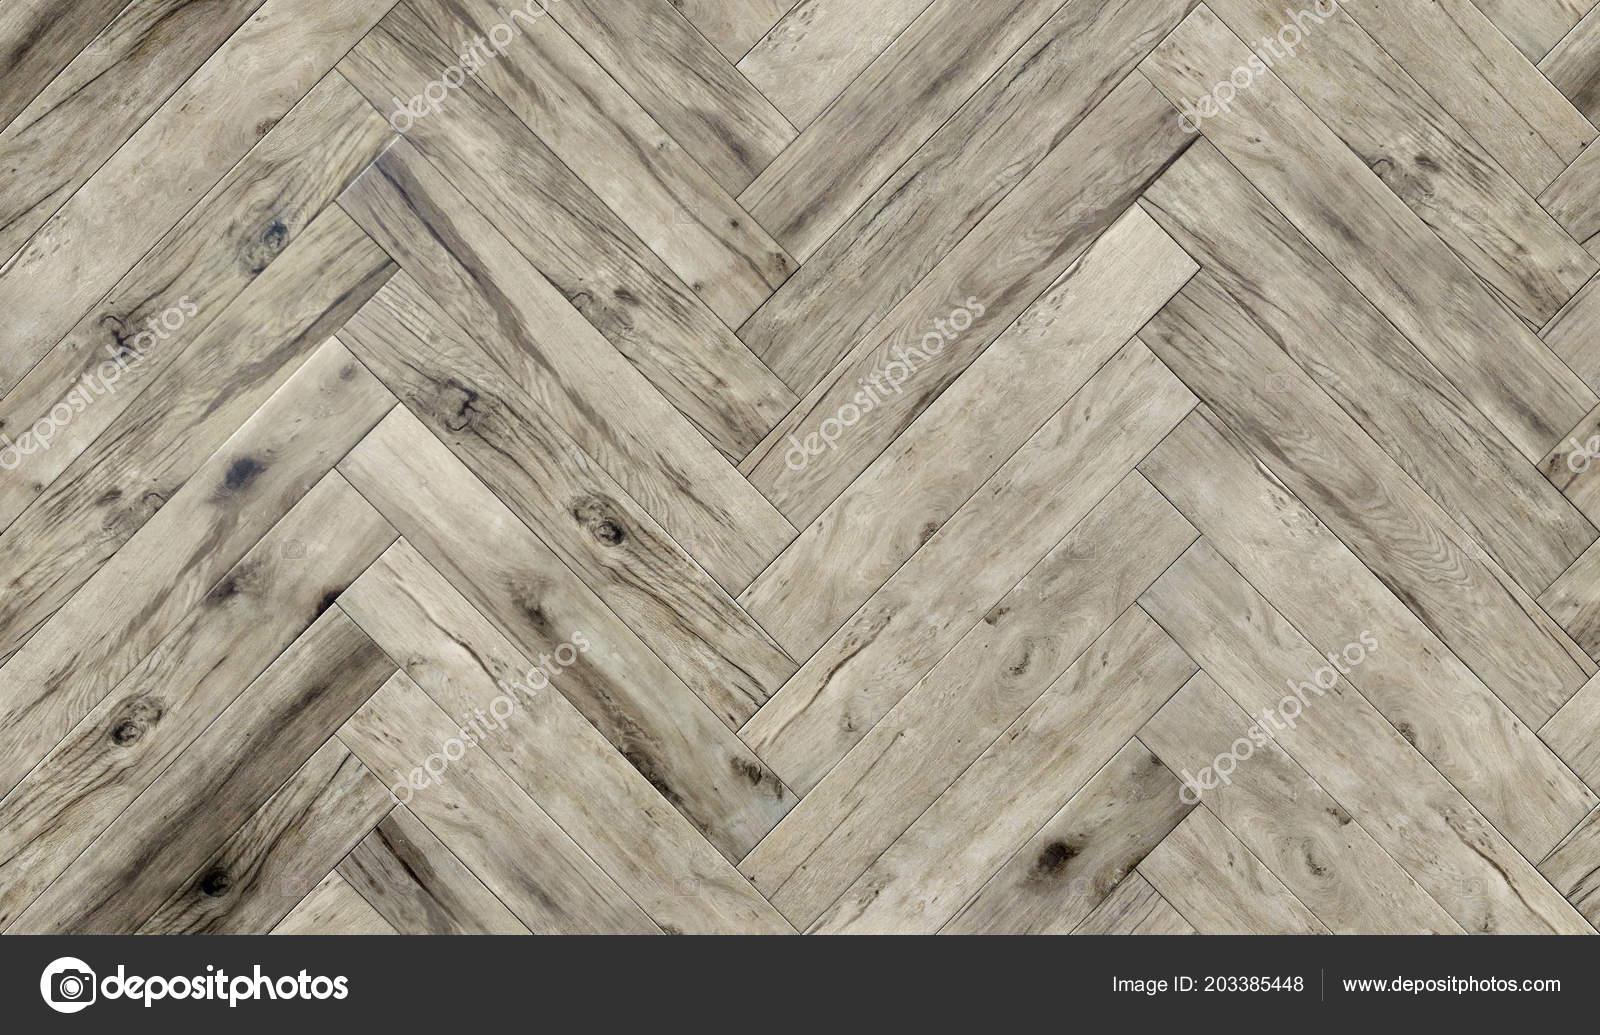 Lisca trama diffusa parquet legno senza giunte u2014 foto stock